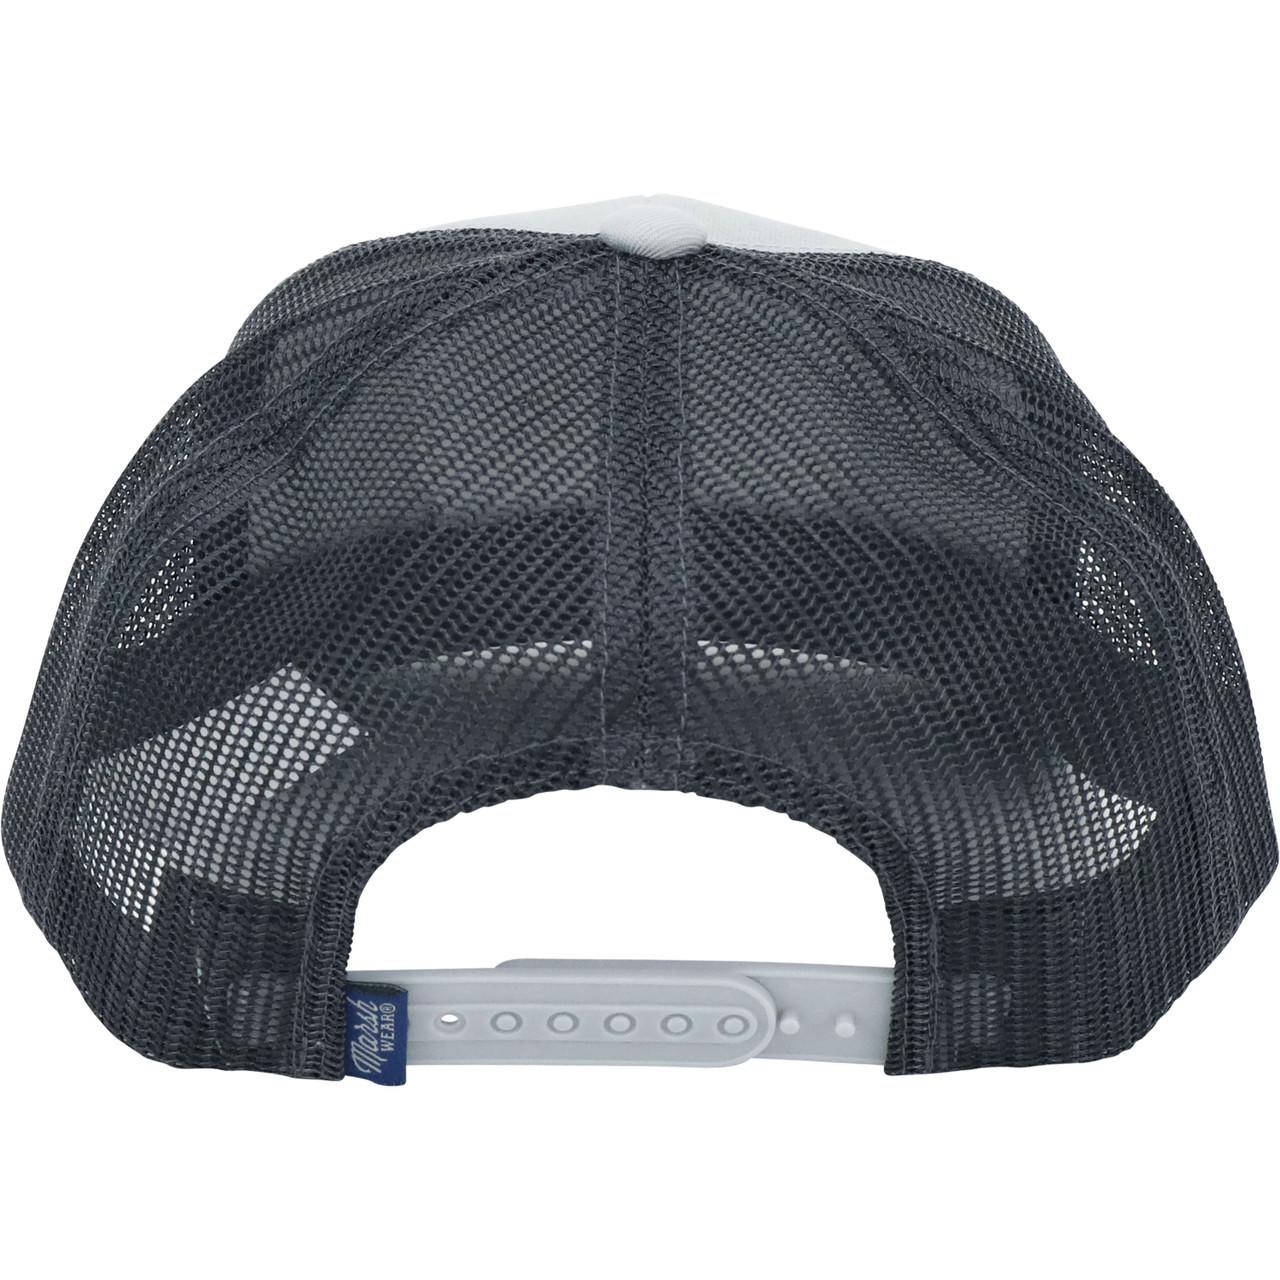 Marsh Wear MWC1036 Sunset Marsh Hat Cloud Grey - Back